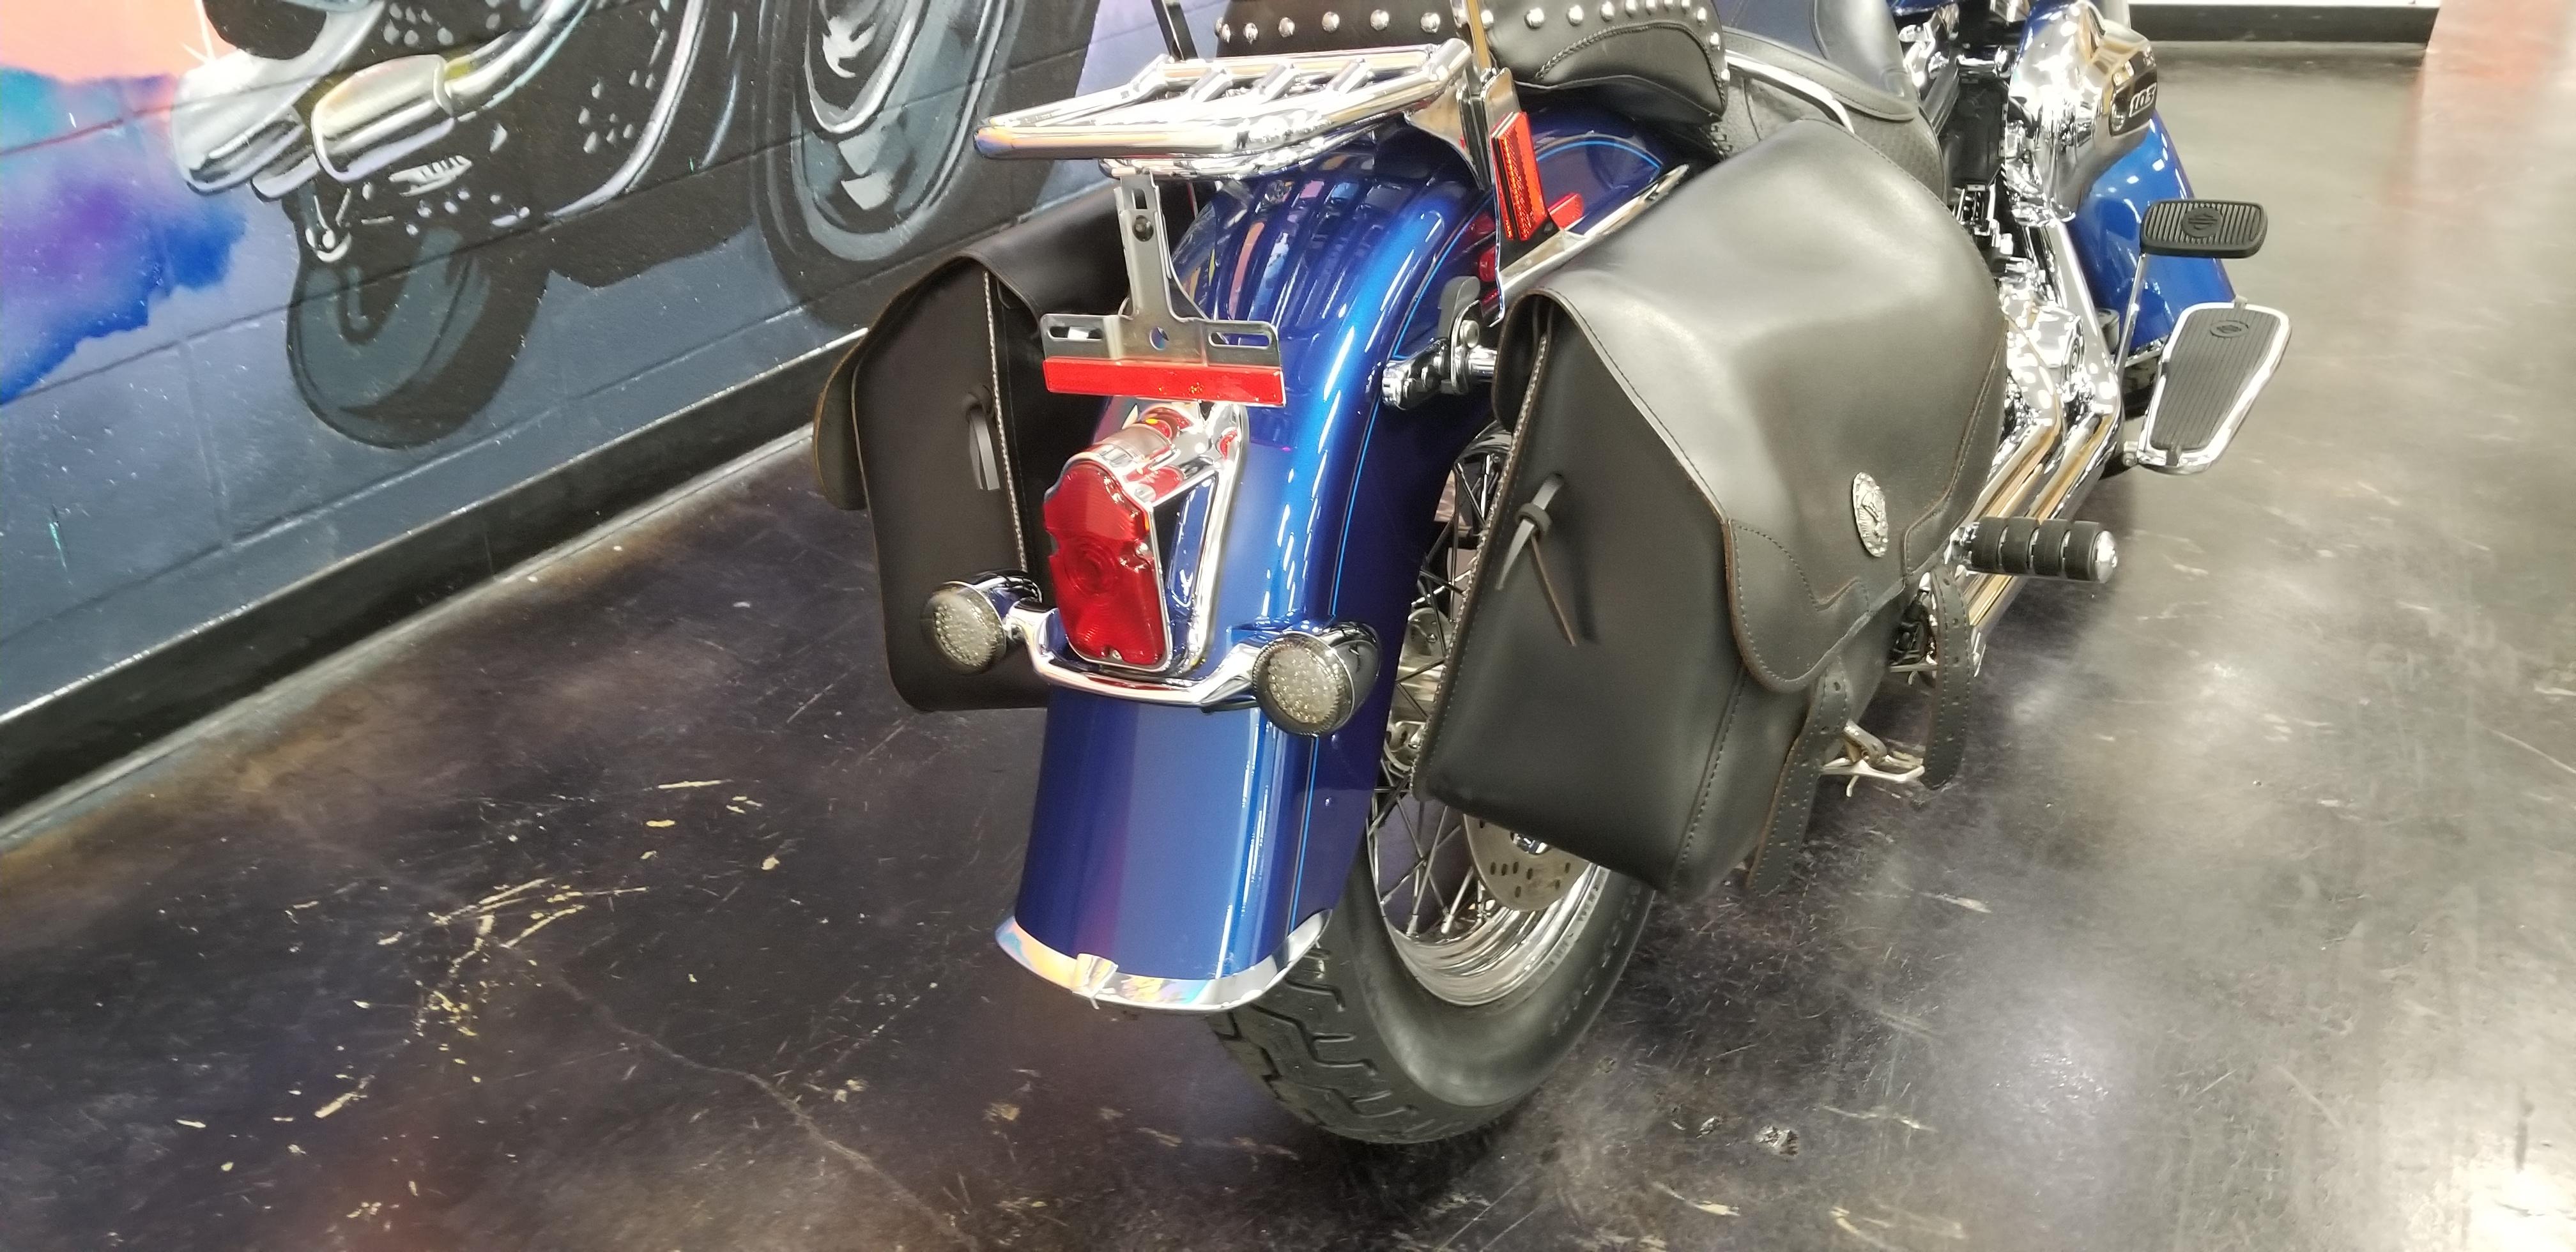 Pre-Owned 2016 Harley-Davidson Deluxe FLSTN